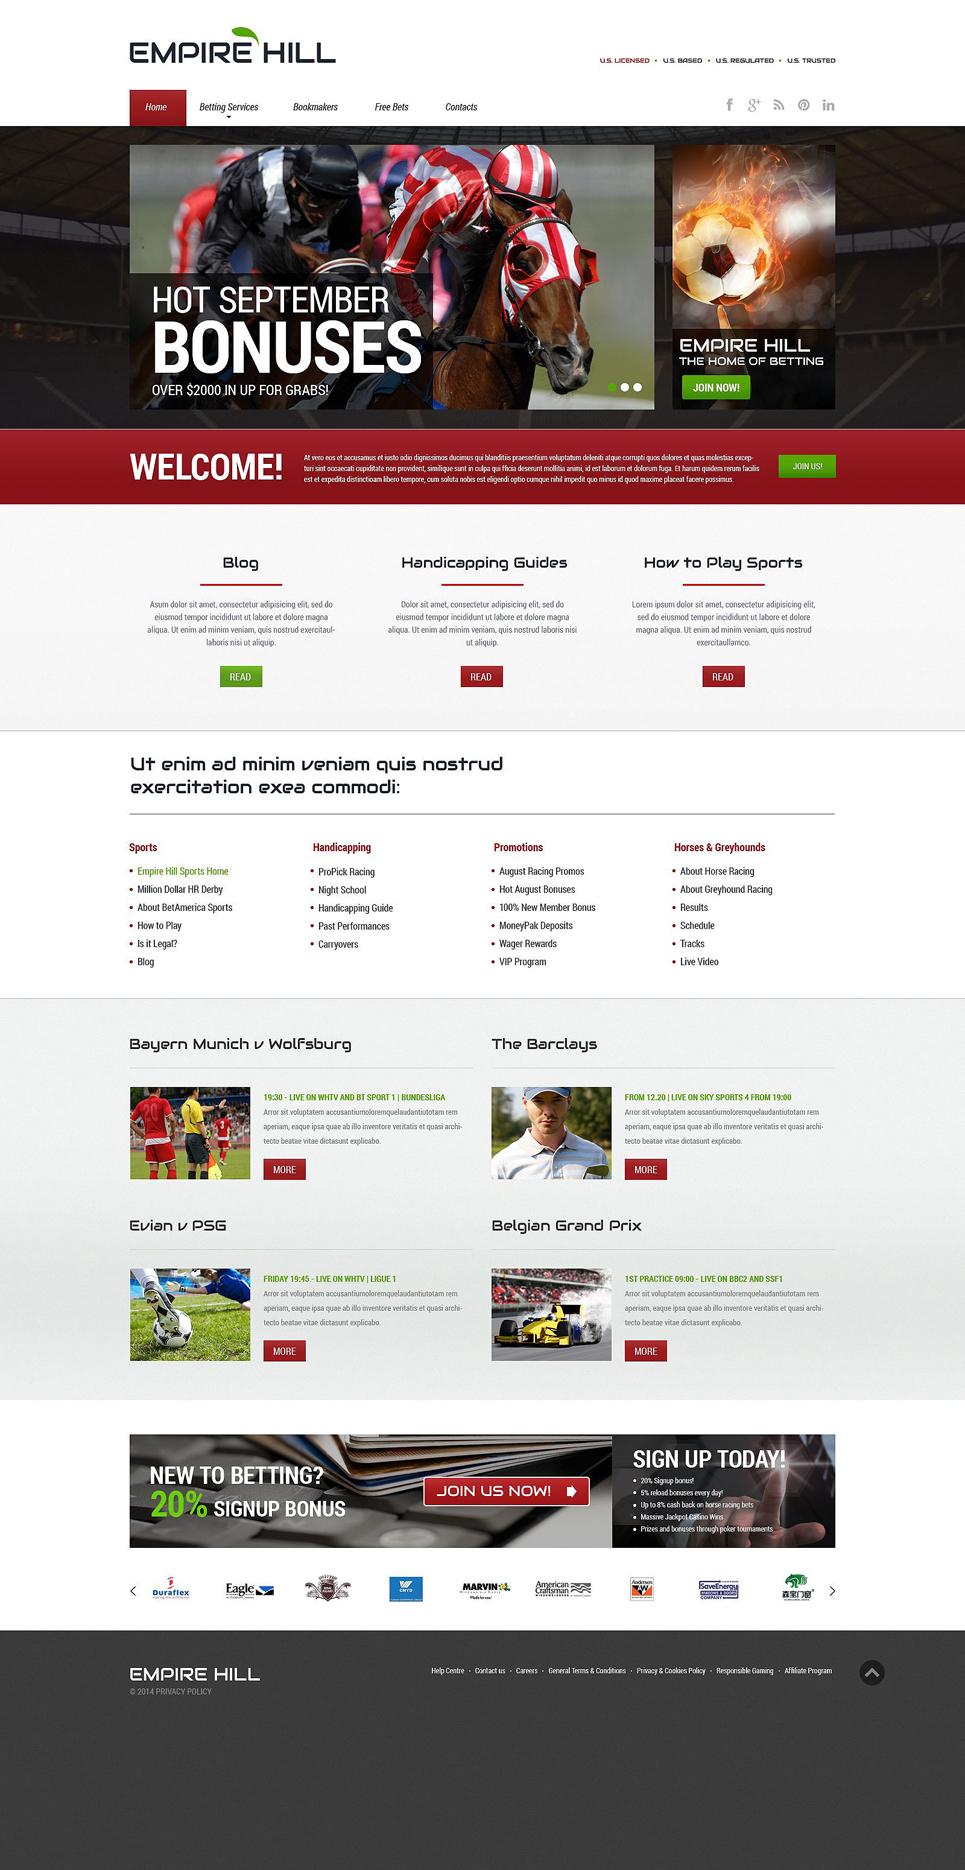 Html-шаблон покер казино игровые автоматы онлайн бесплатно играть бесплатно admiral-x.com